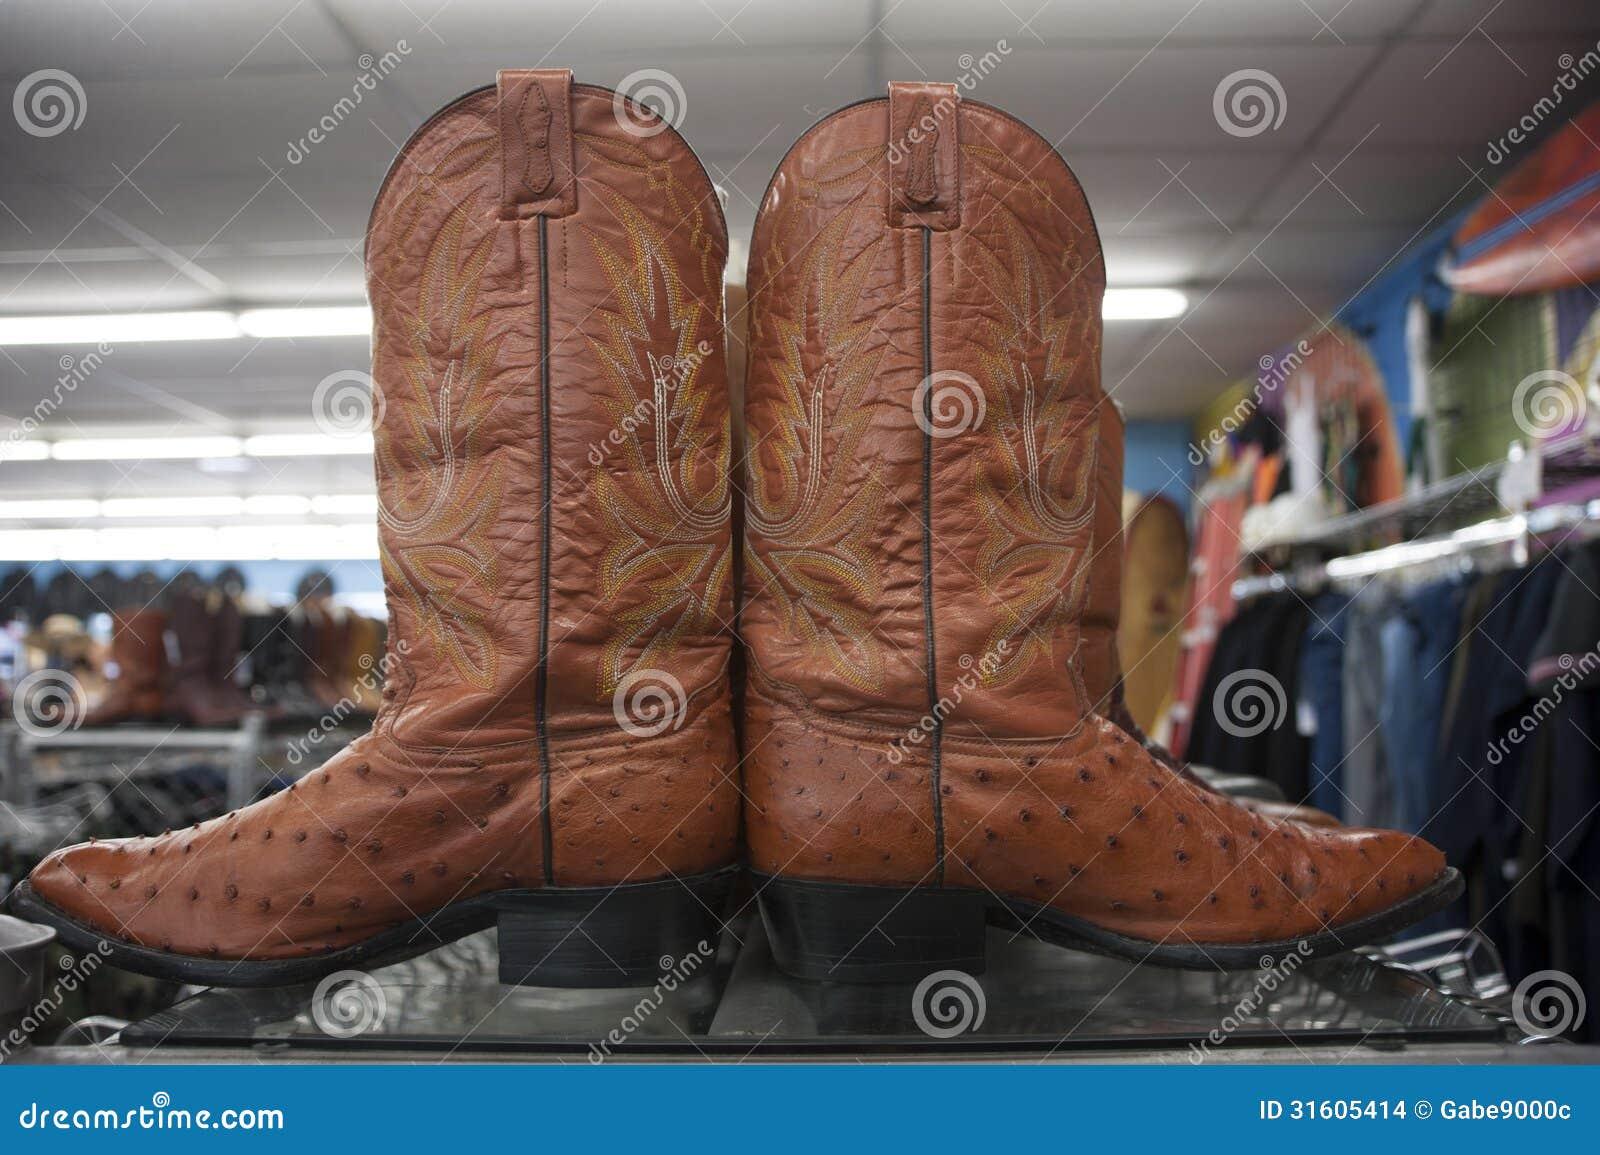 c4343d23517 Vintage retro cowboy boots stock photo. Image of shoe - 31605414